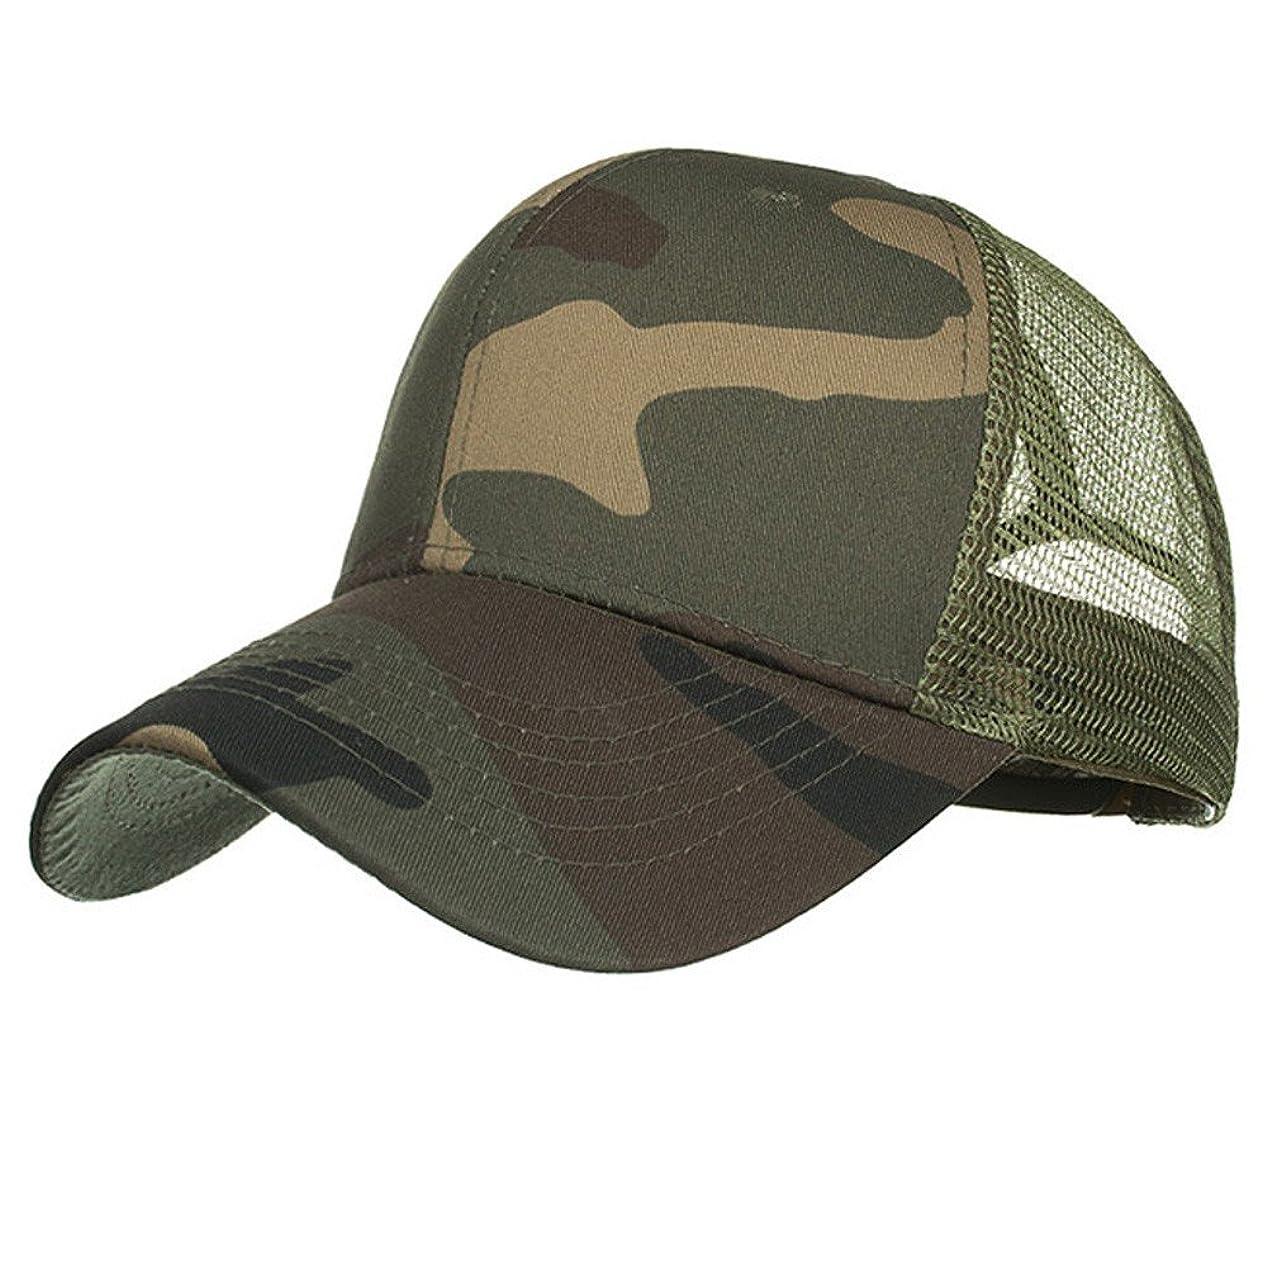 ふりをする持っているバースRacazing Cap 迷彩 野球帽 メッシュステッチ 通気性のある 帽子 夏 登山 可調整可能 刺繍 棒球帽 UV 帽子 軽量 屋外 Unisex Hat (A)